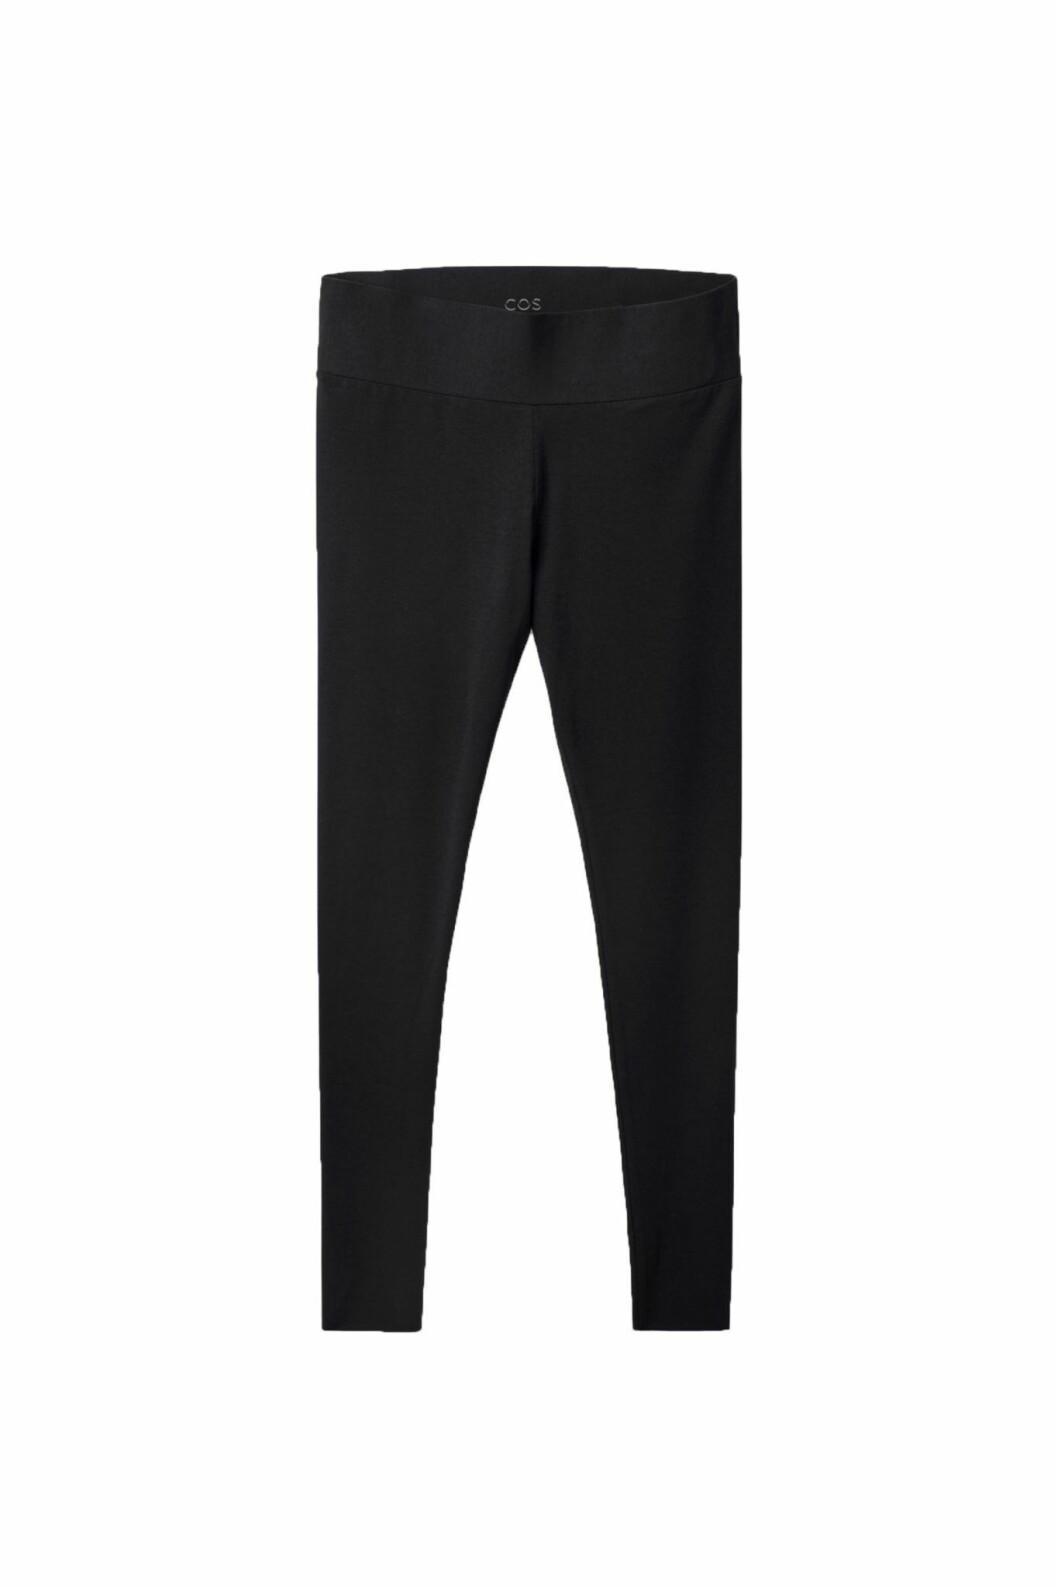 Se till att skippa jeansen och bär leggings istället. Dessa från Cos är en stor favorit bland ELLE-redaktionen.